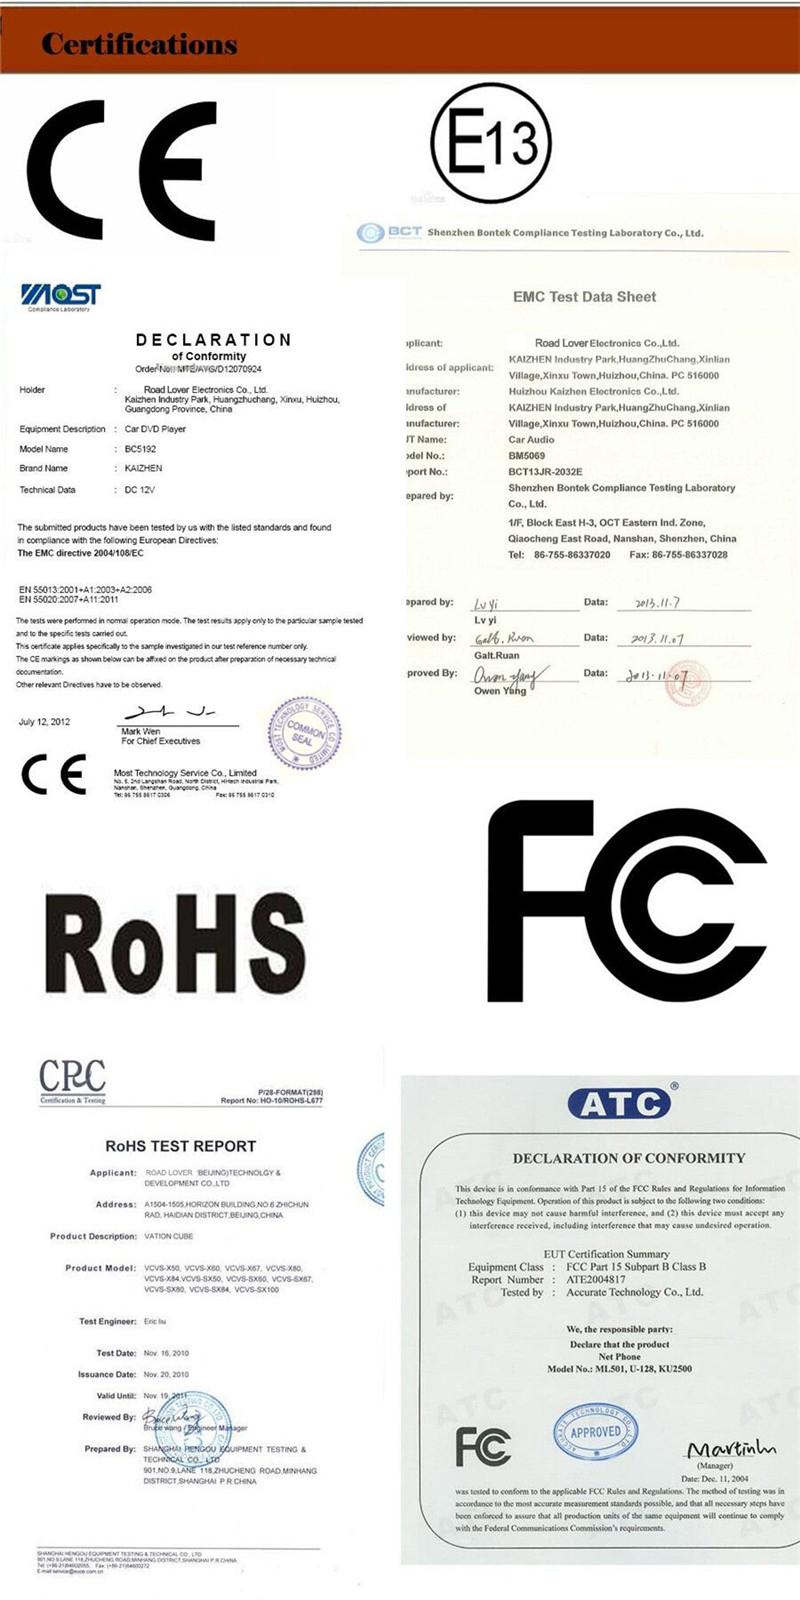 RL certification